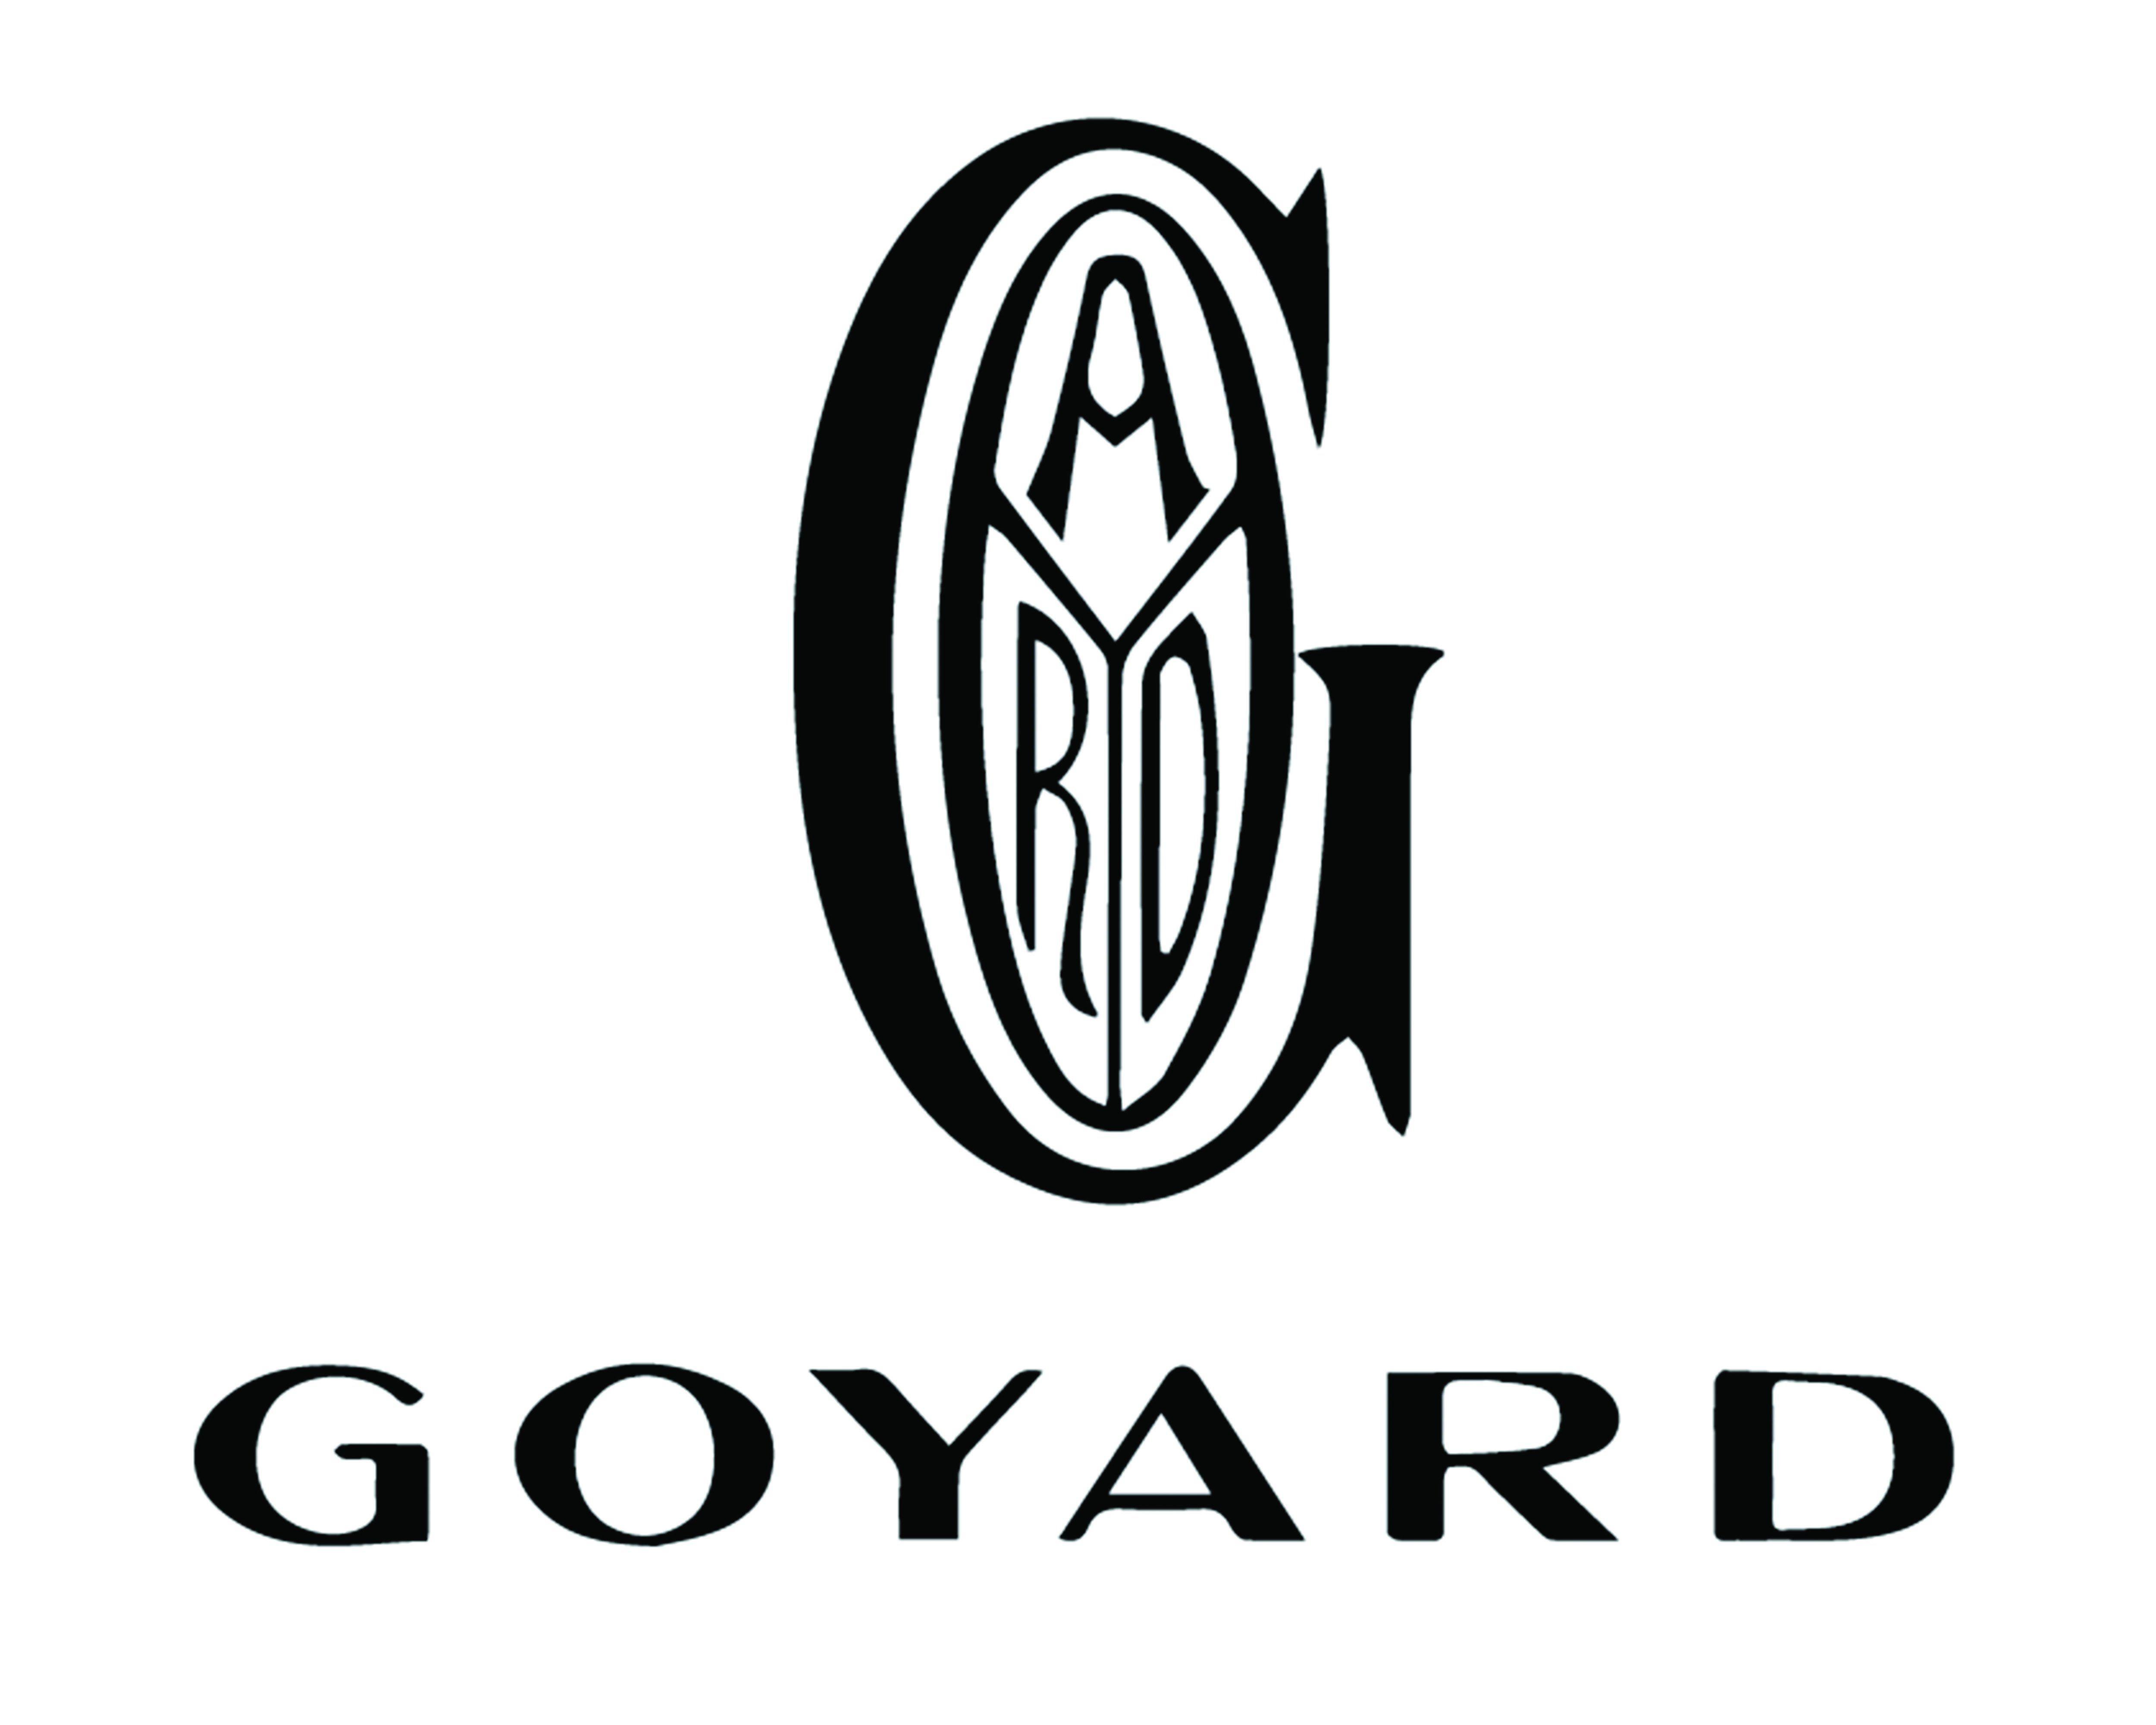 g logos